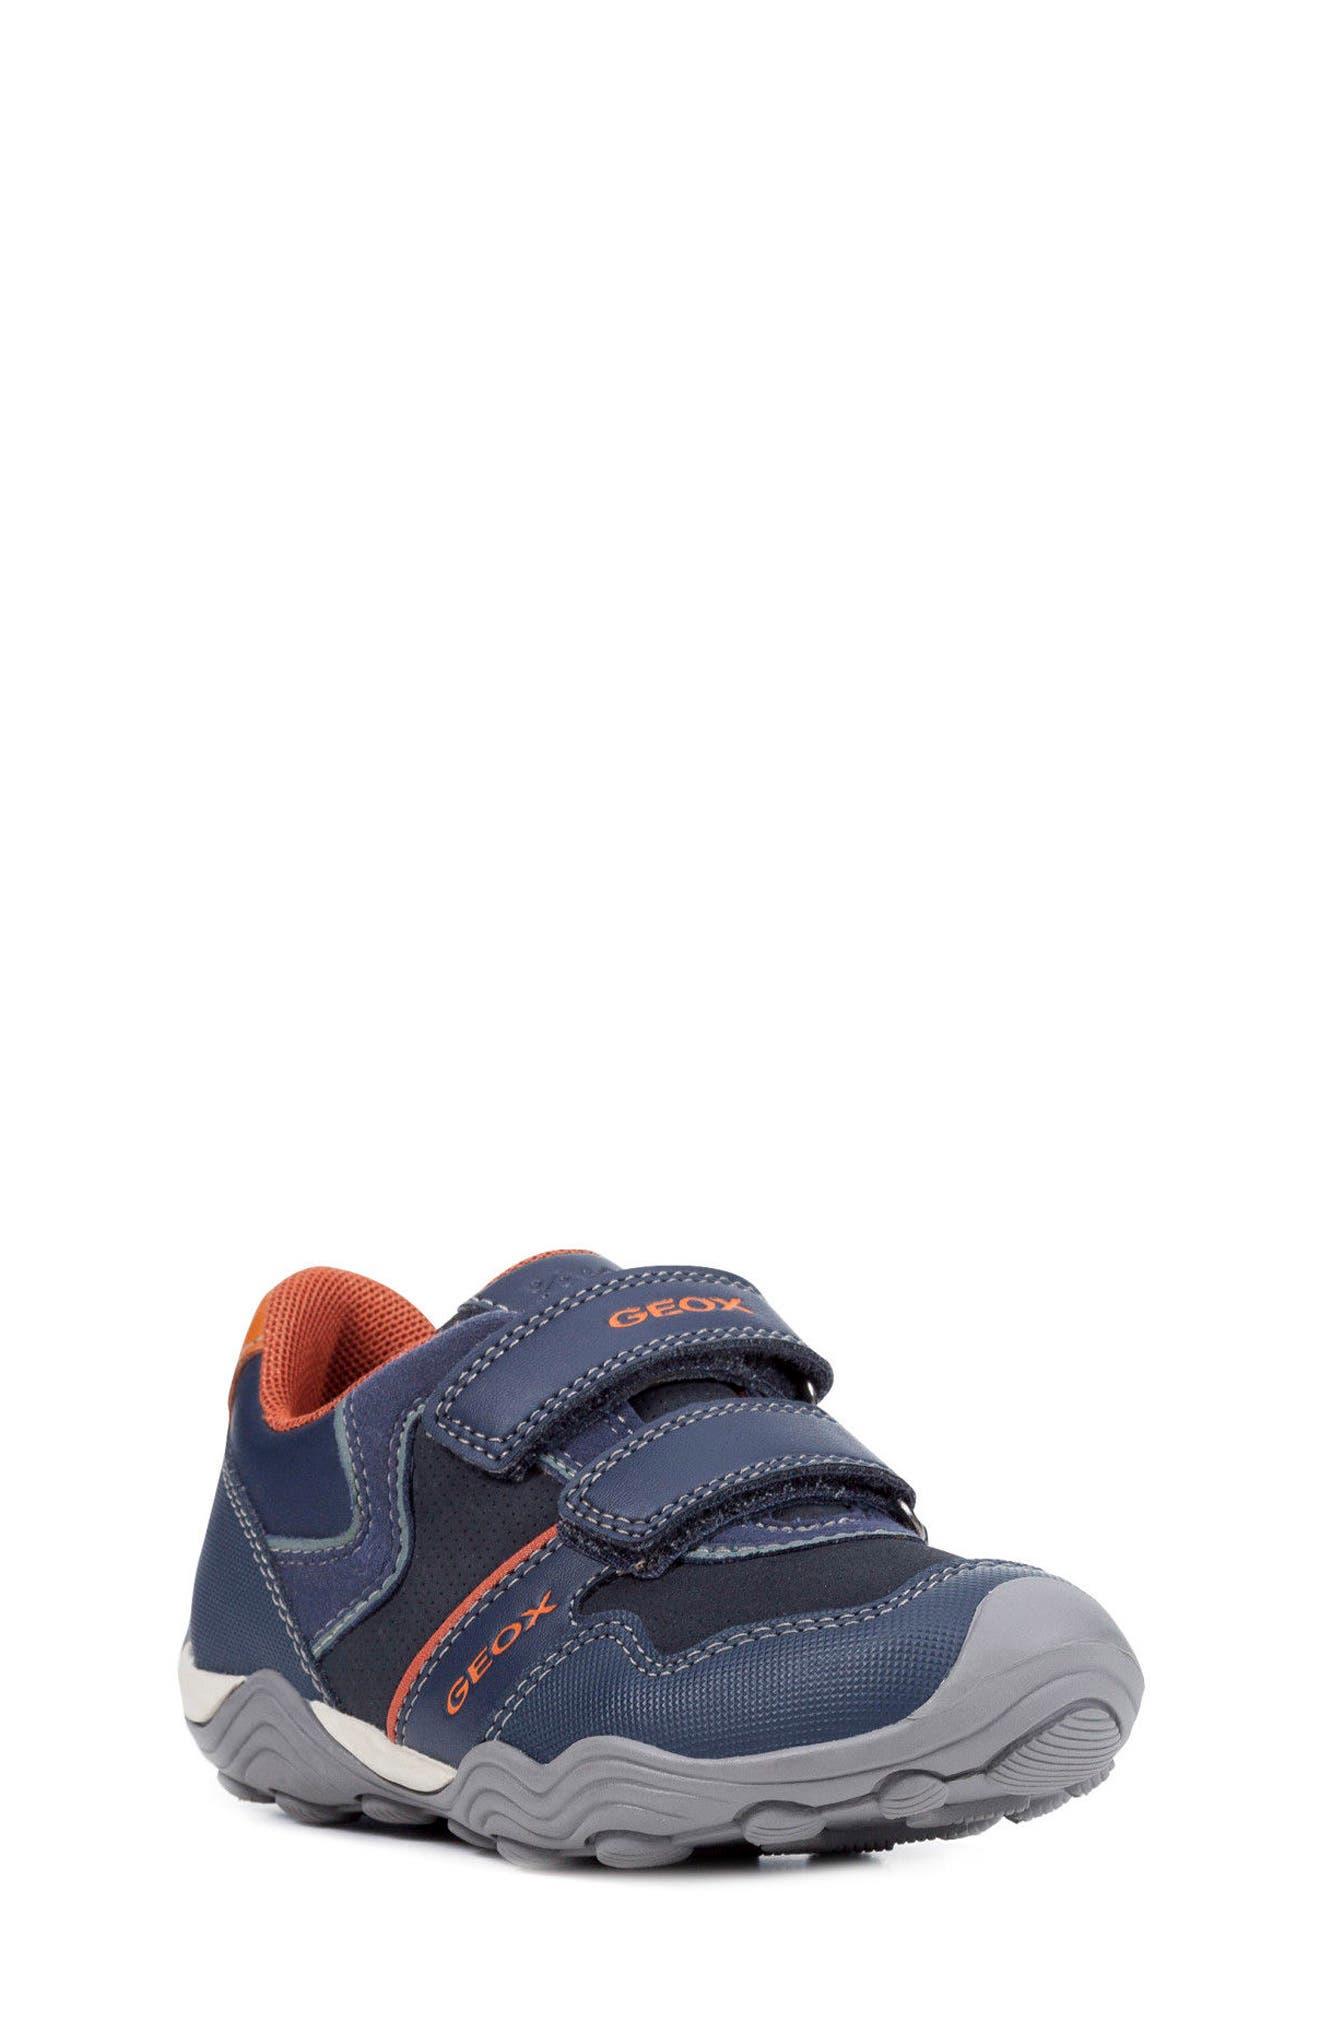 Jr Arno 13 Sneaker,                         Main,                         color, NAVY/ DARK ORANGE